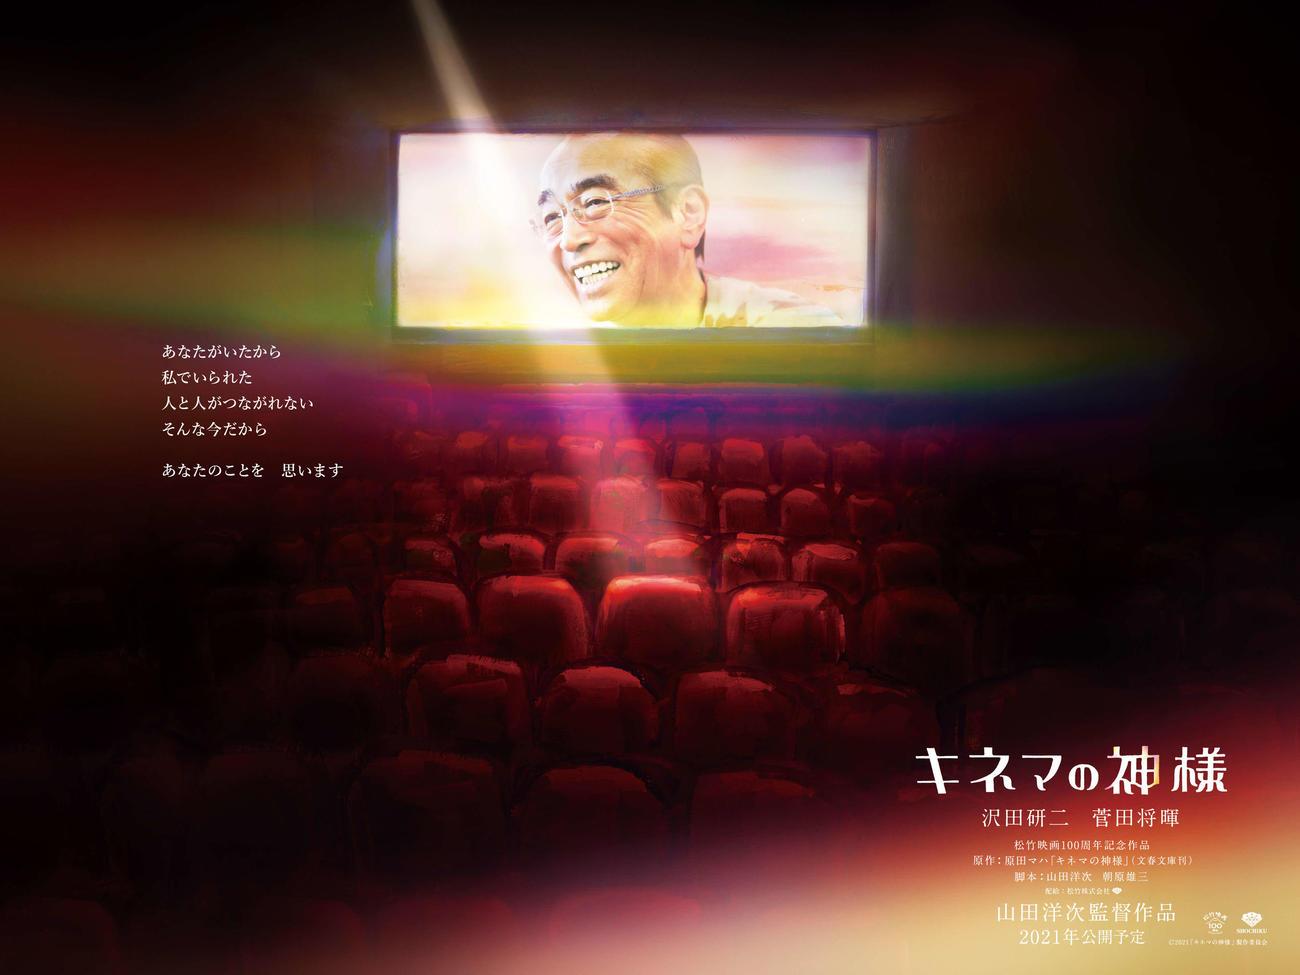 映画「キネマの神様」のメッセージビジュアル(C)2021「キネマの神様」製作委員会